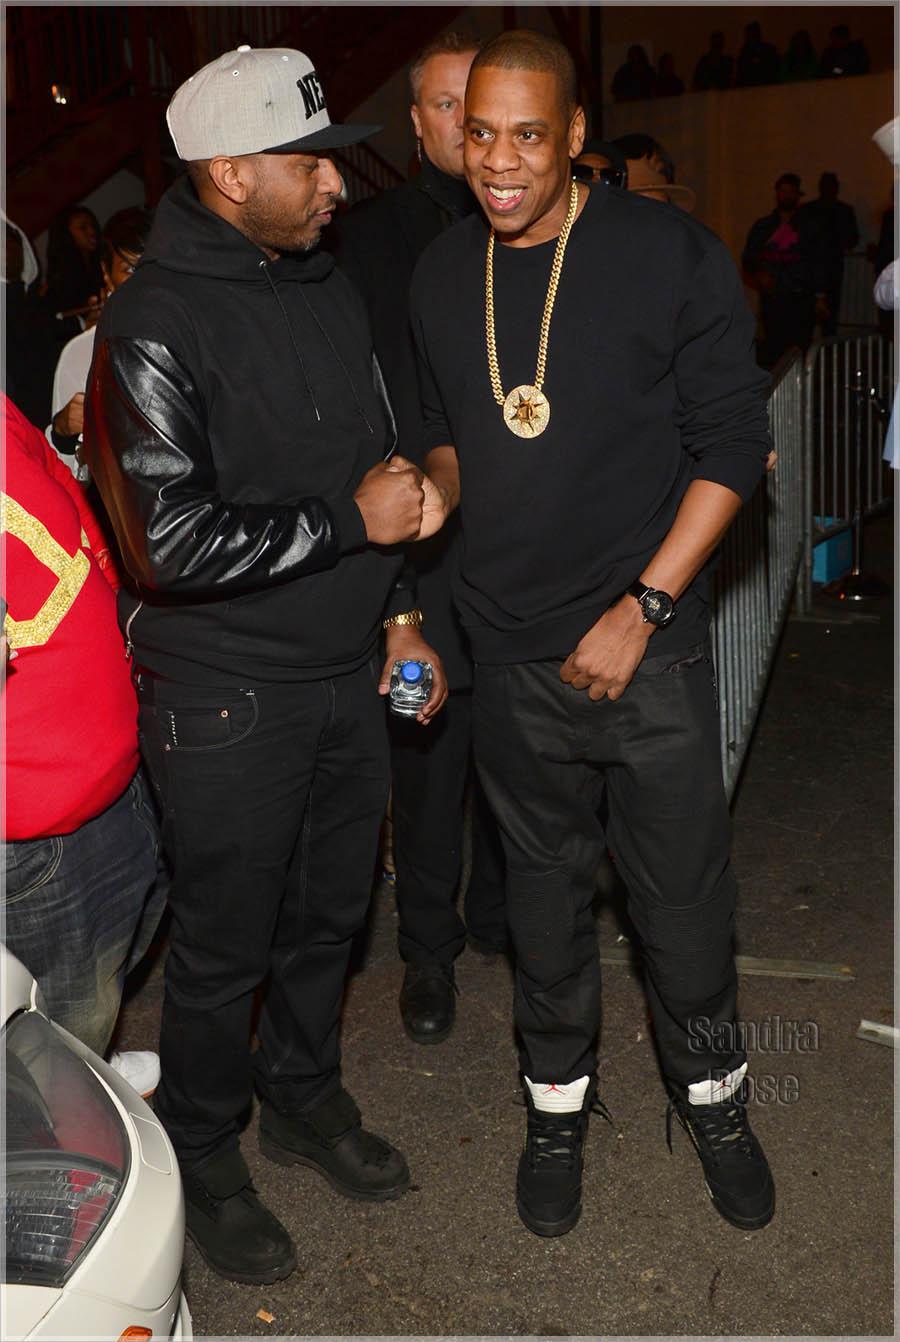 Alex Gidewon greets Jay Z. Photos by ATLPICS.net